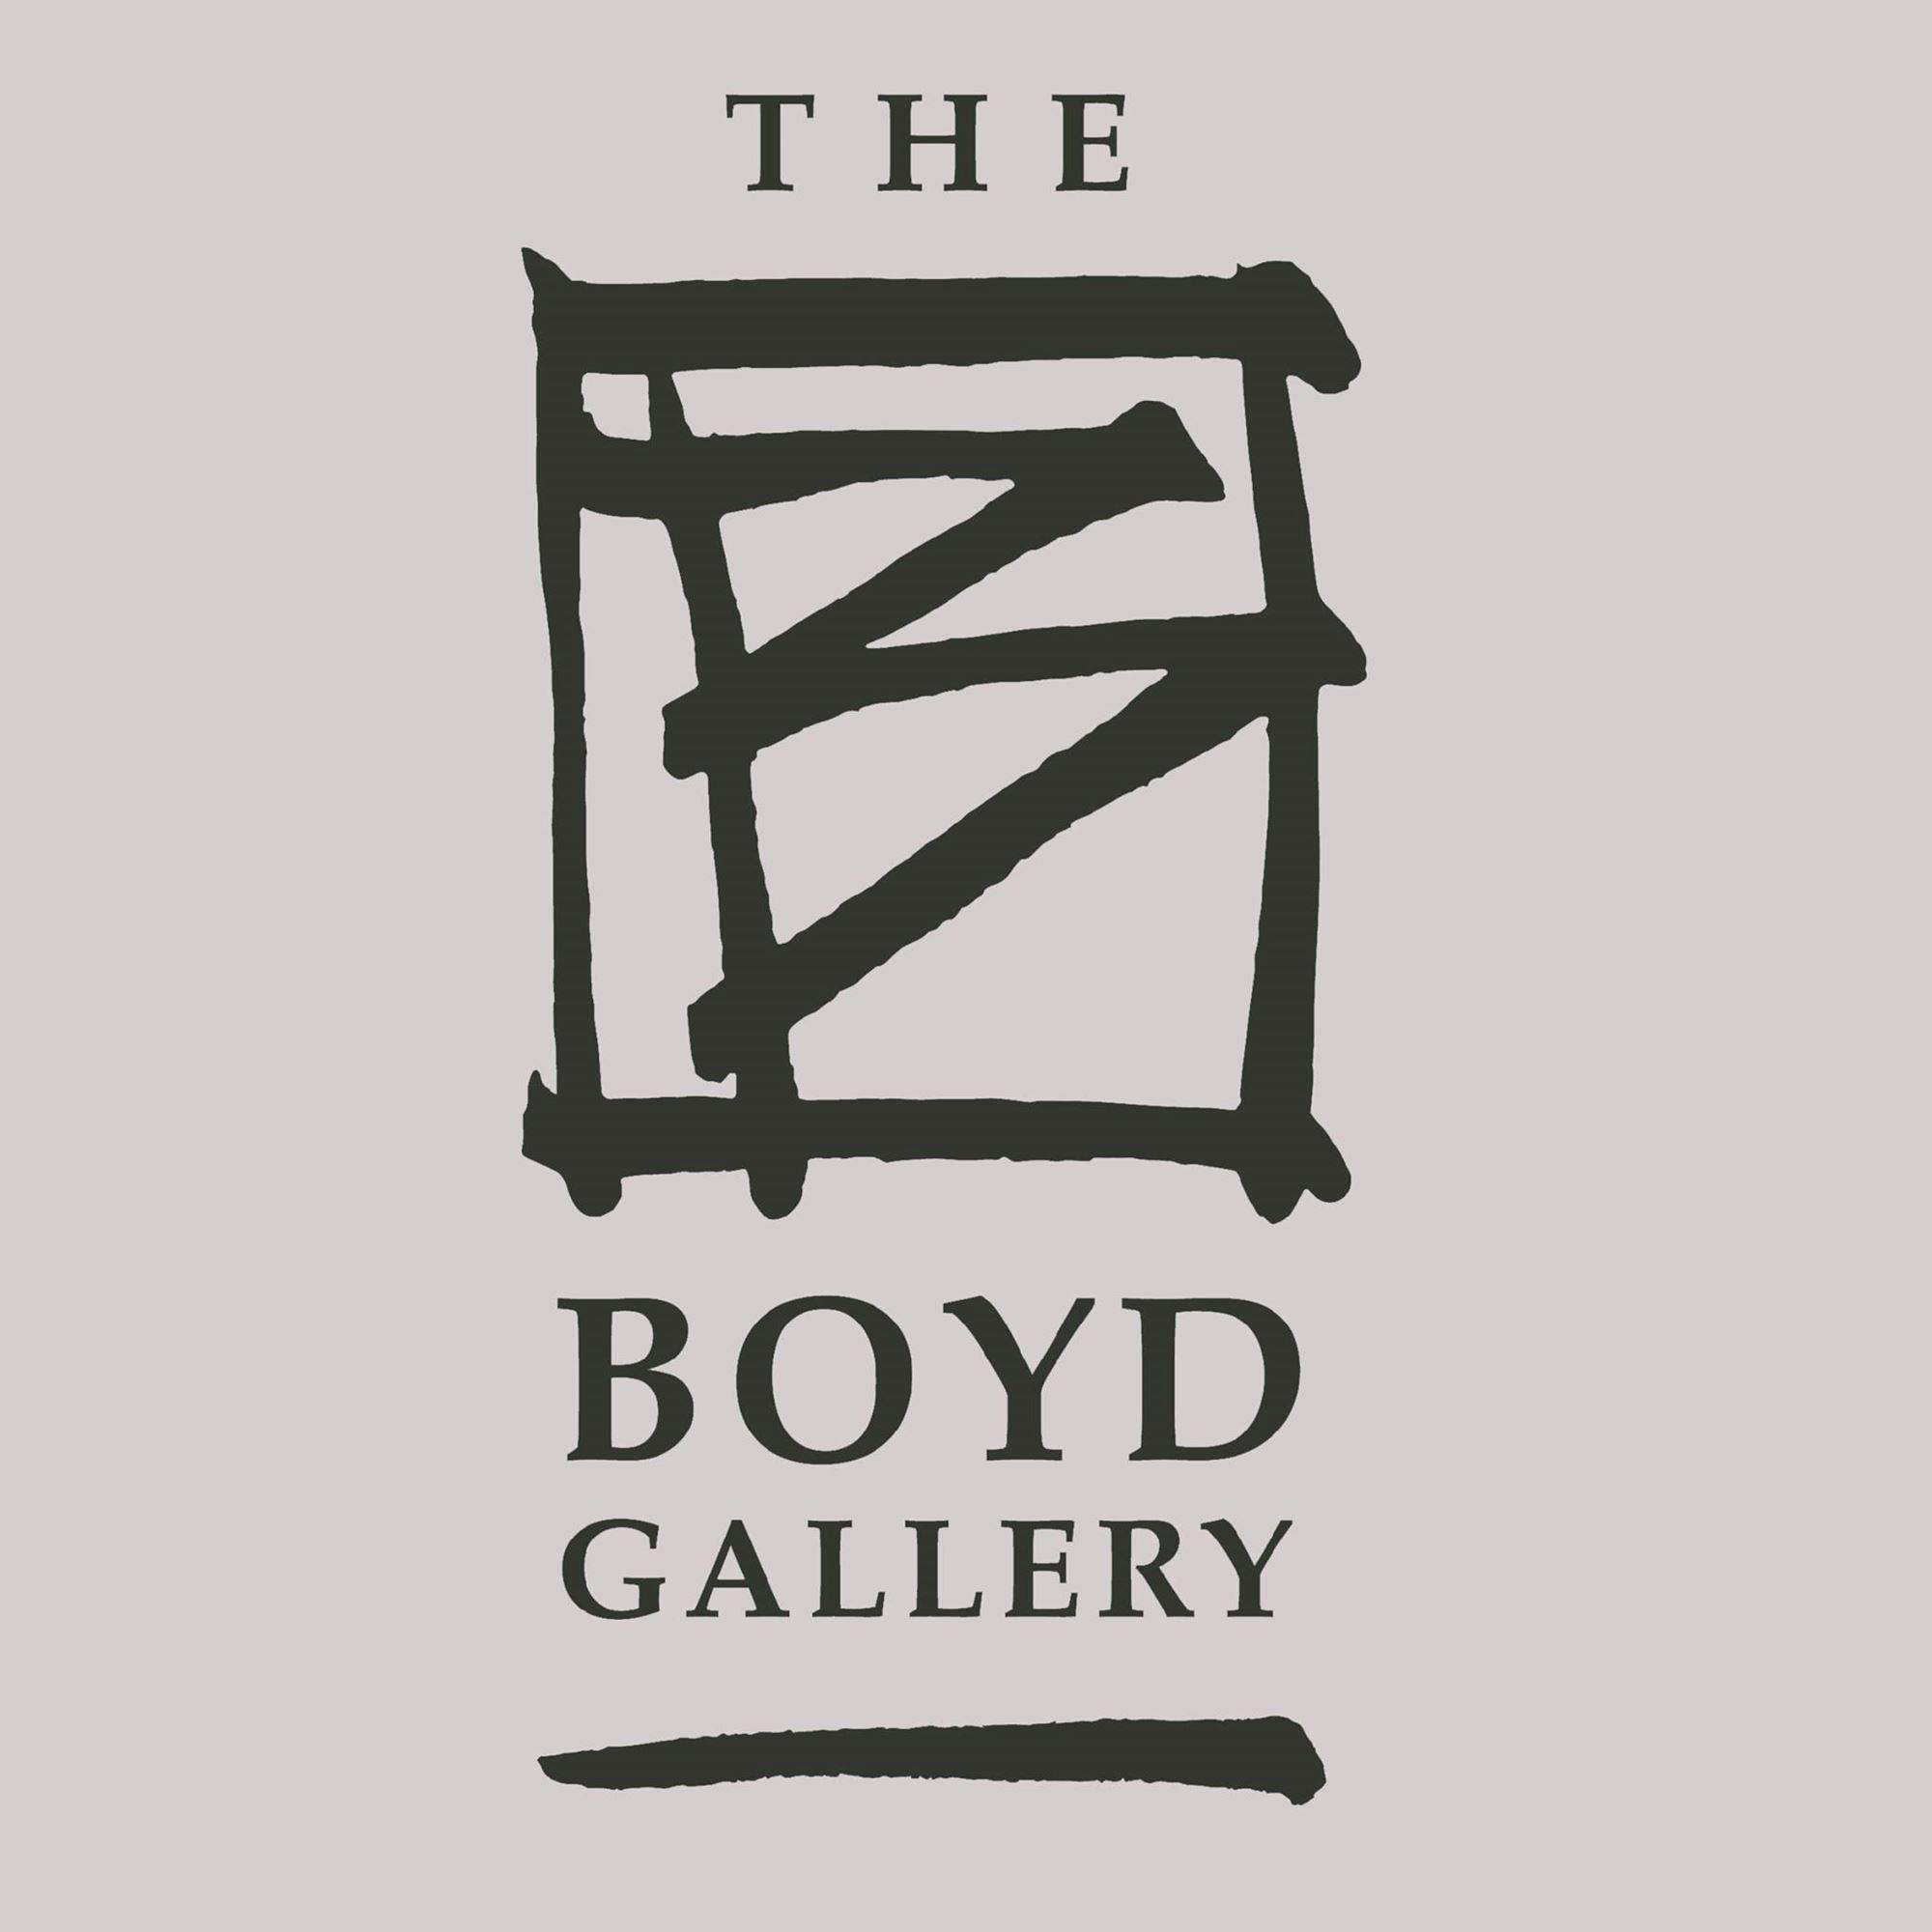 The Boyd Gallery